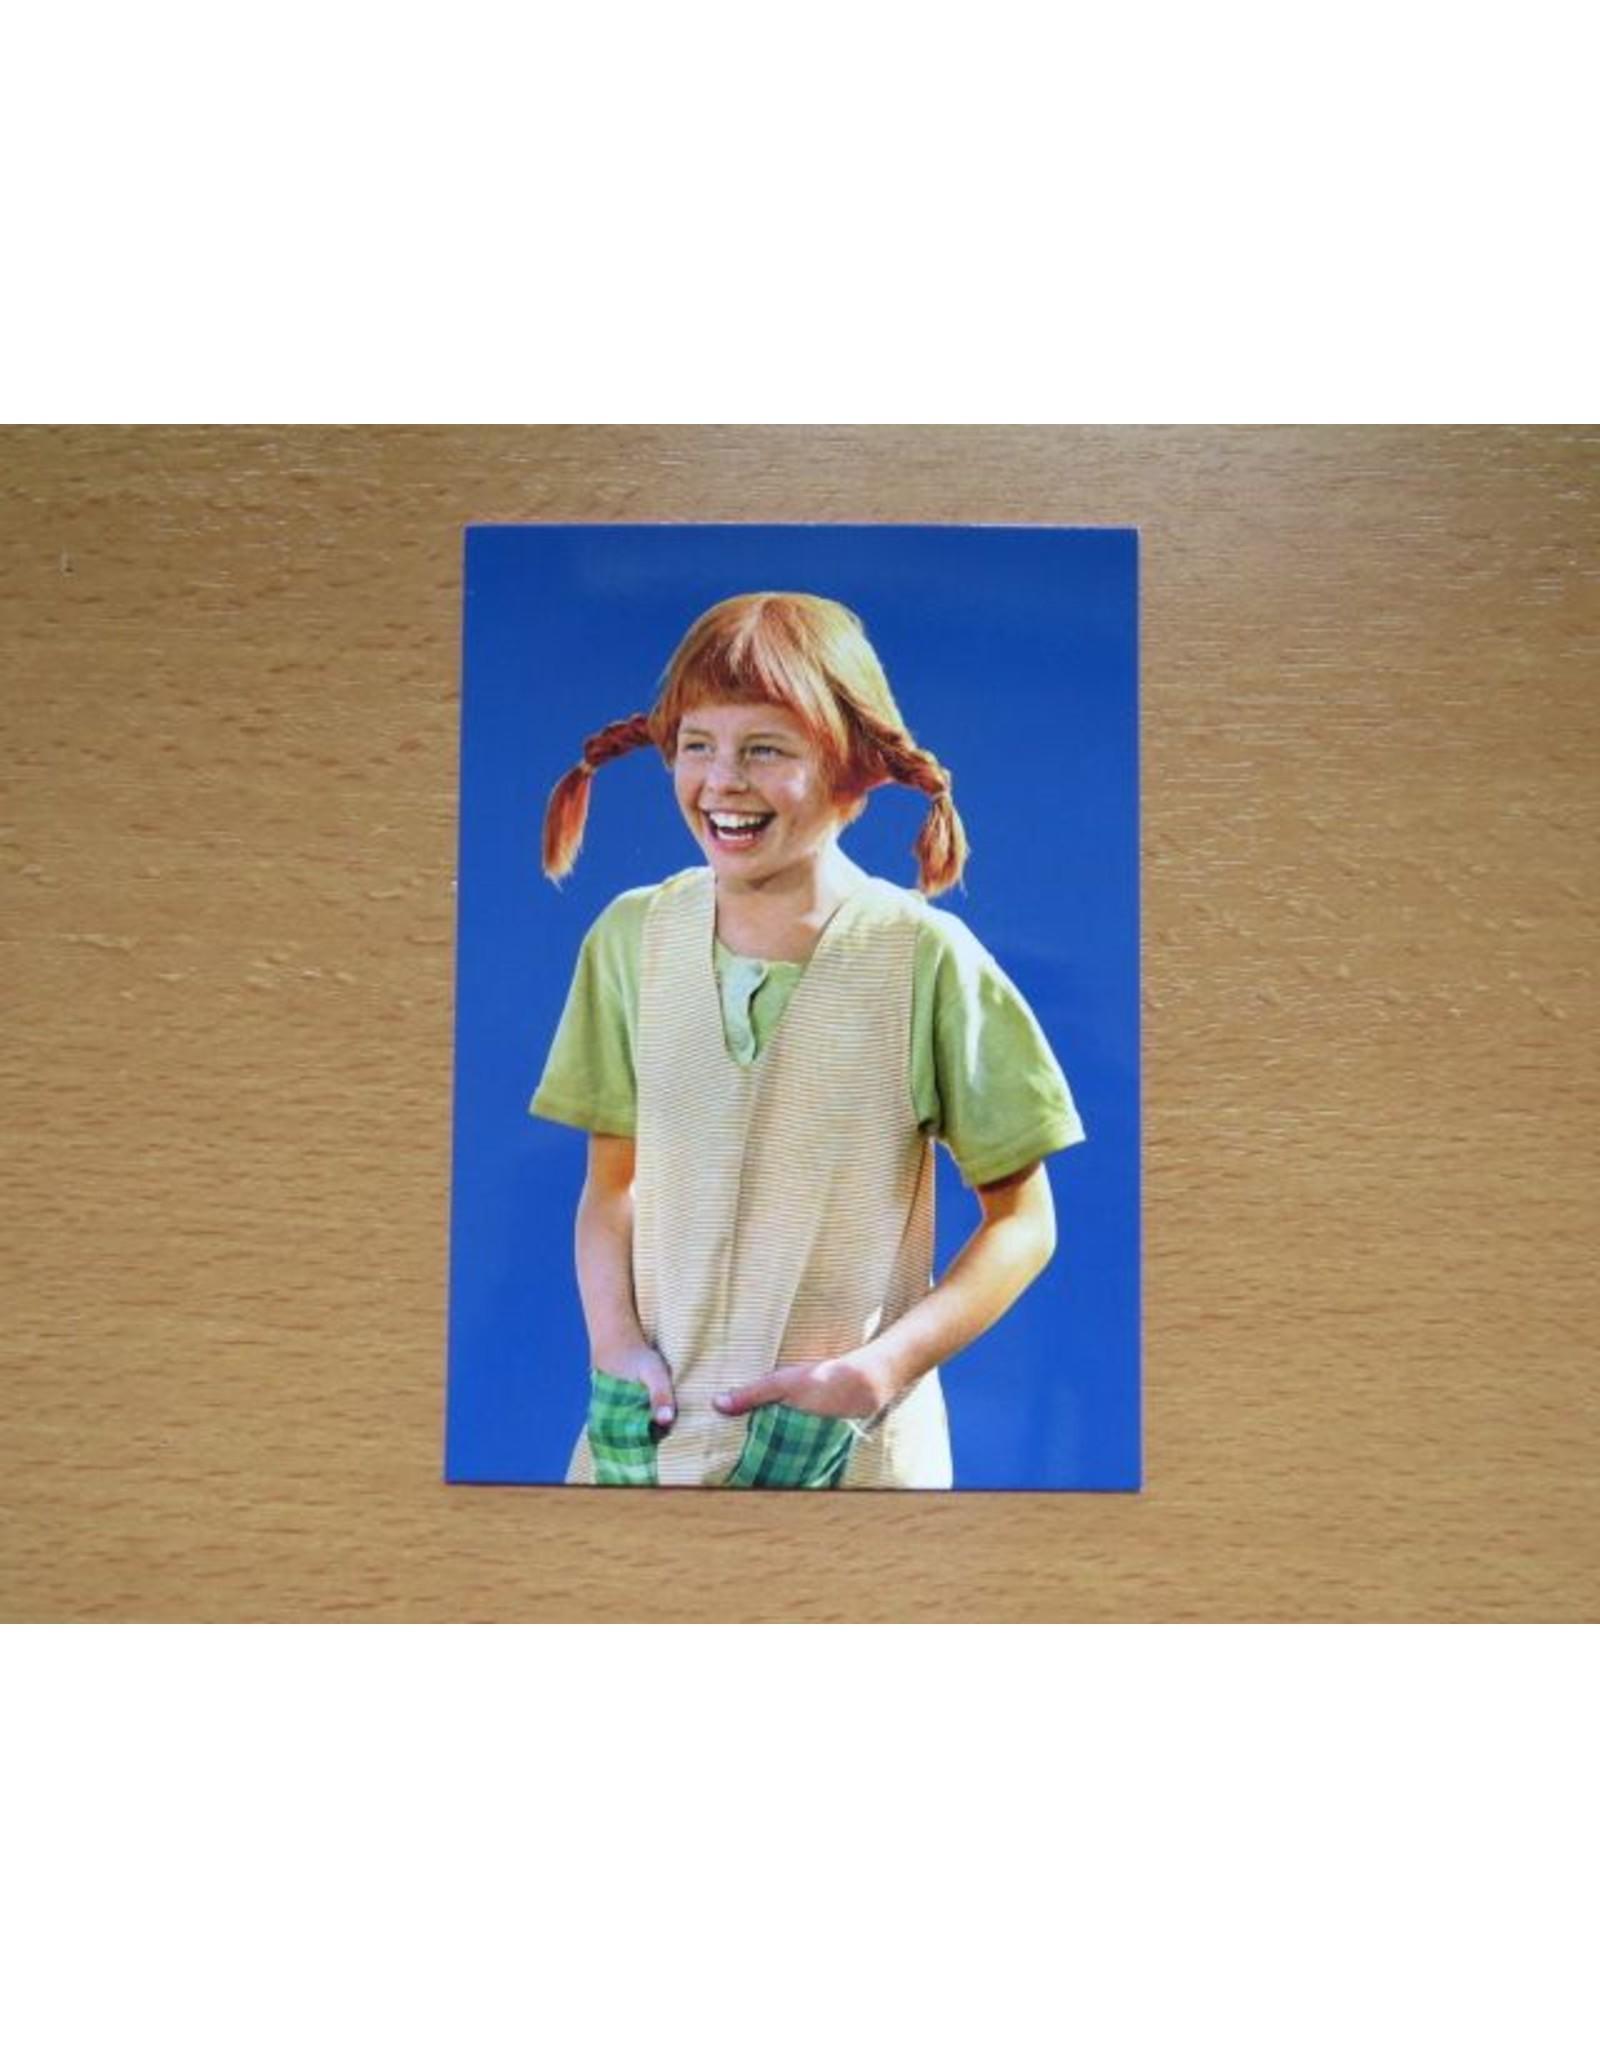 Pippi Langkous Pippi Langkous kaart - Handen in zak